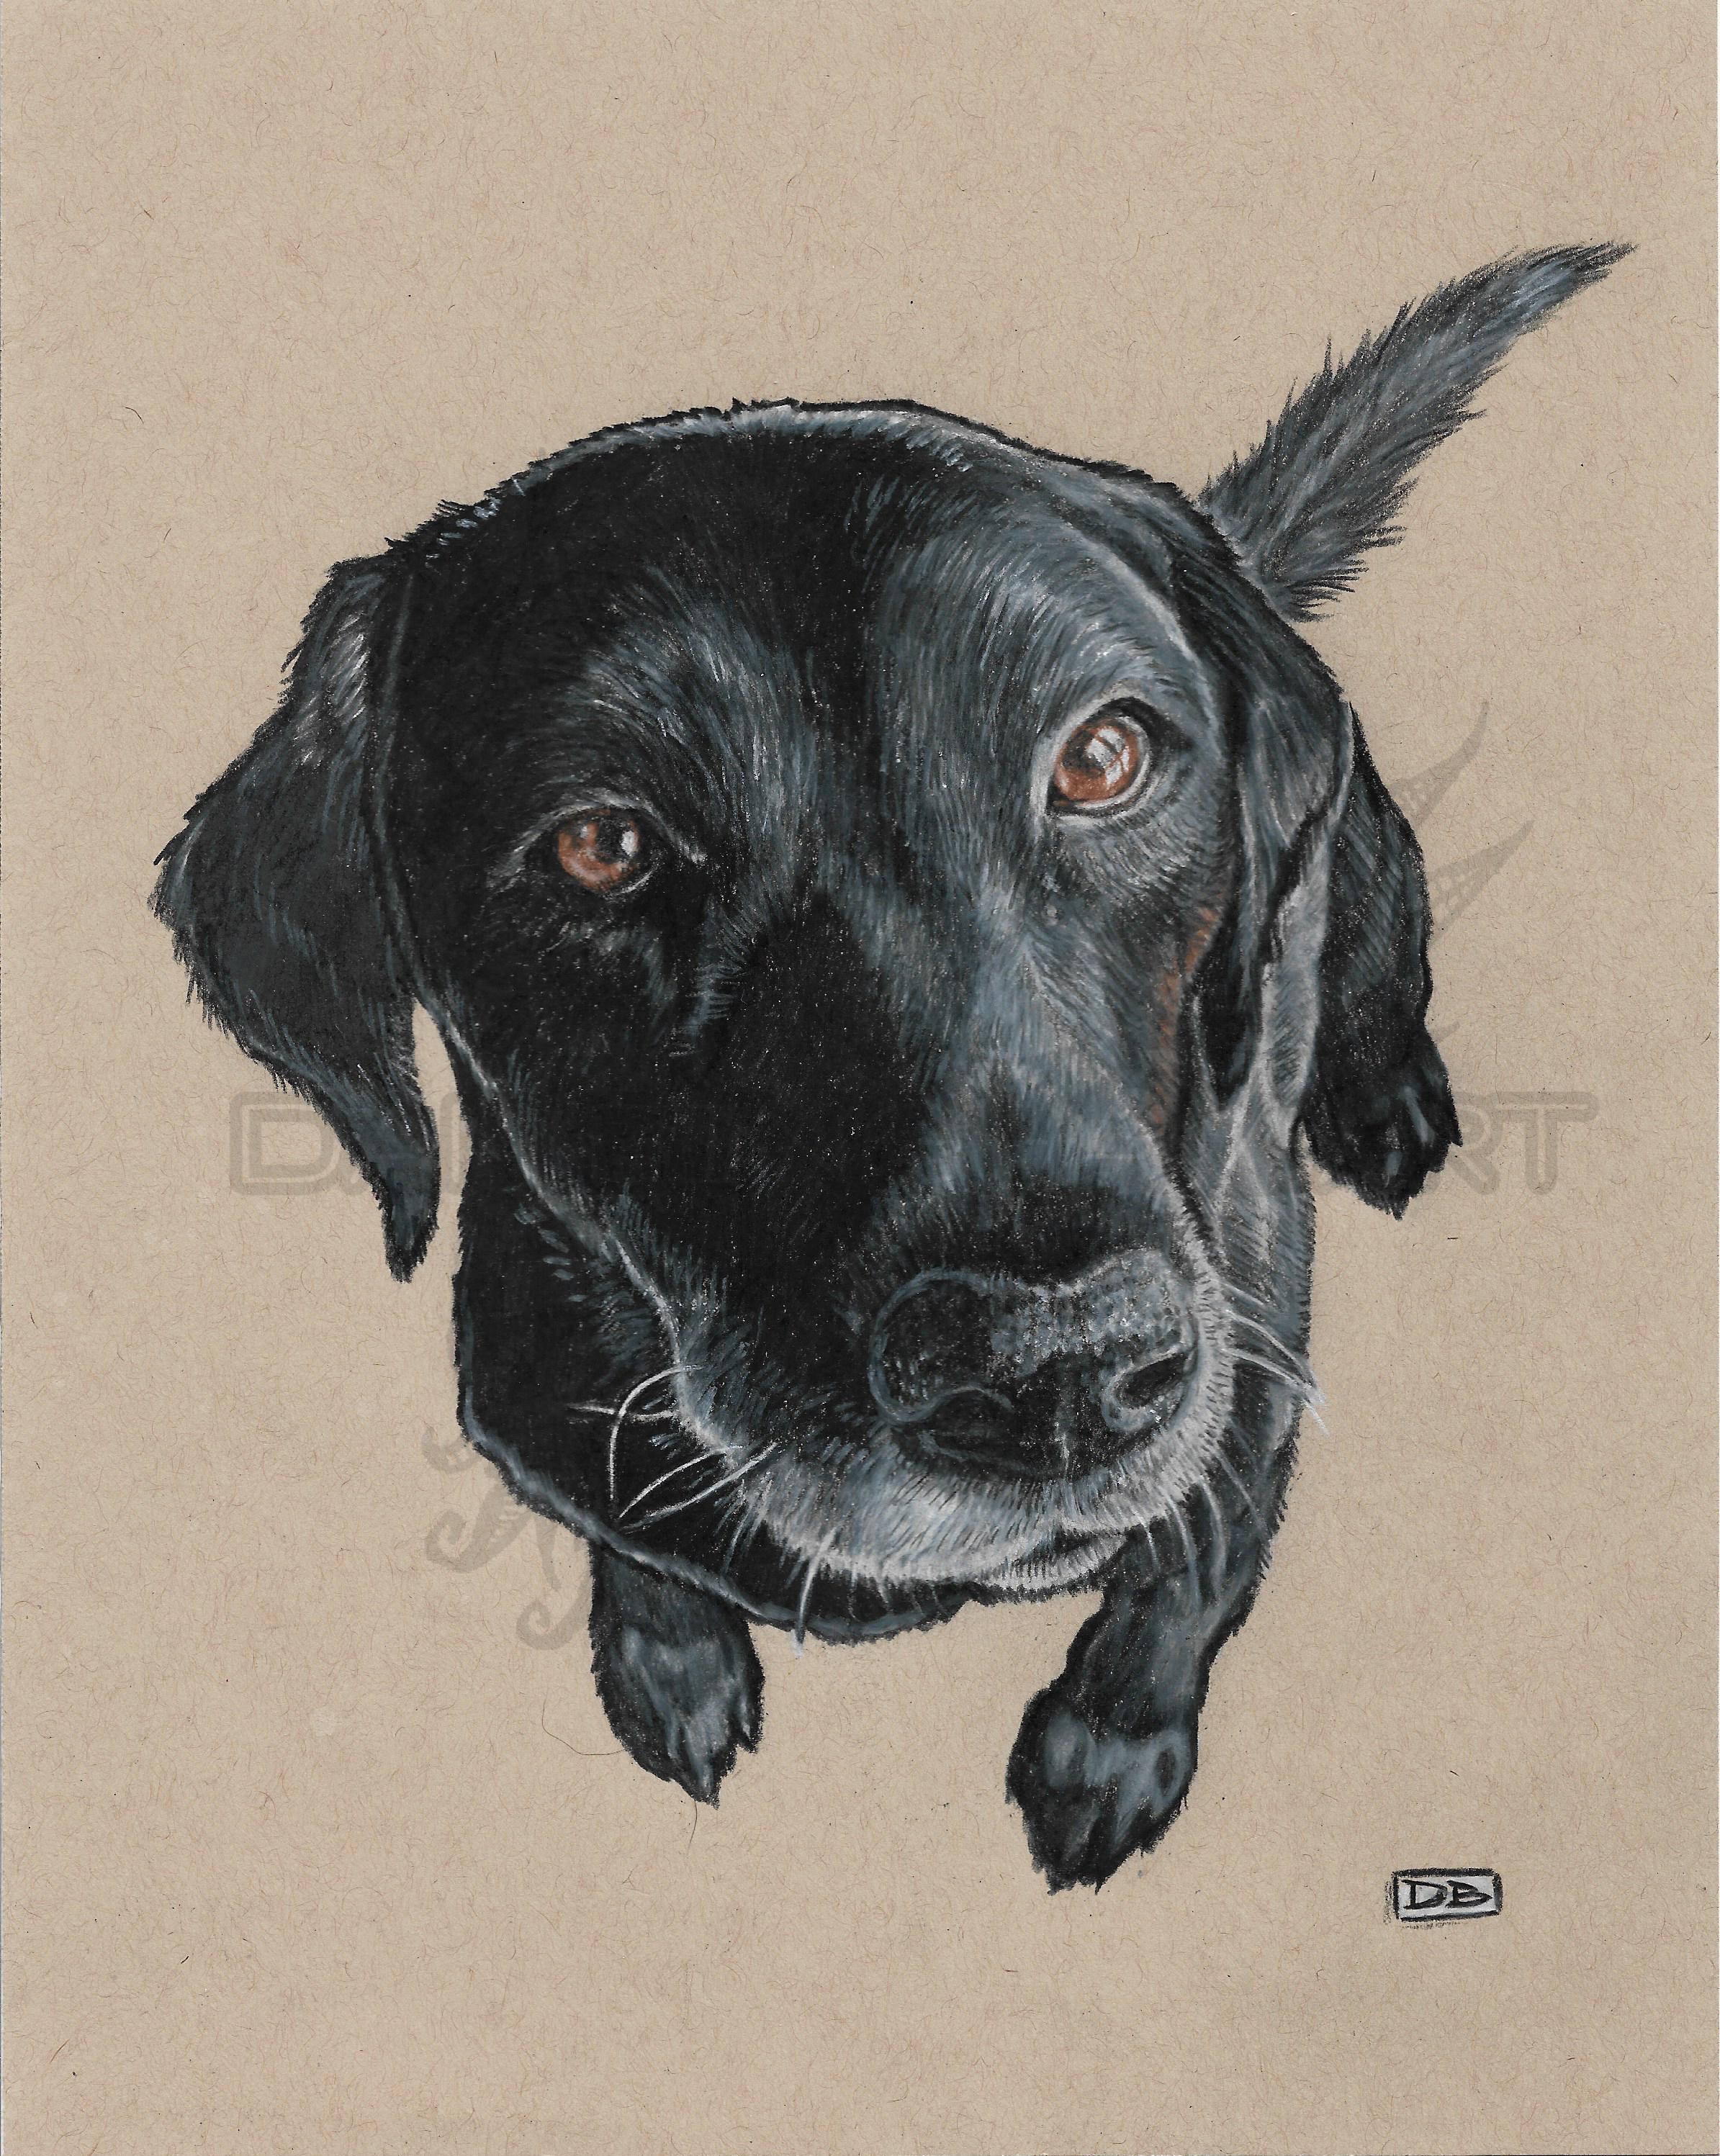 Susie Pet Portrait Commission